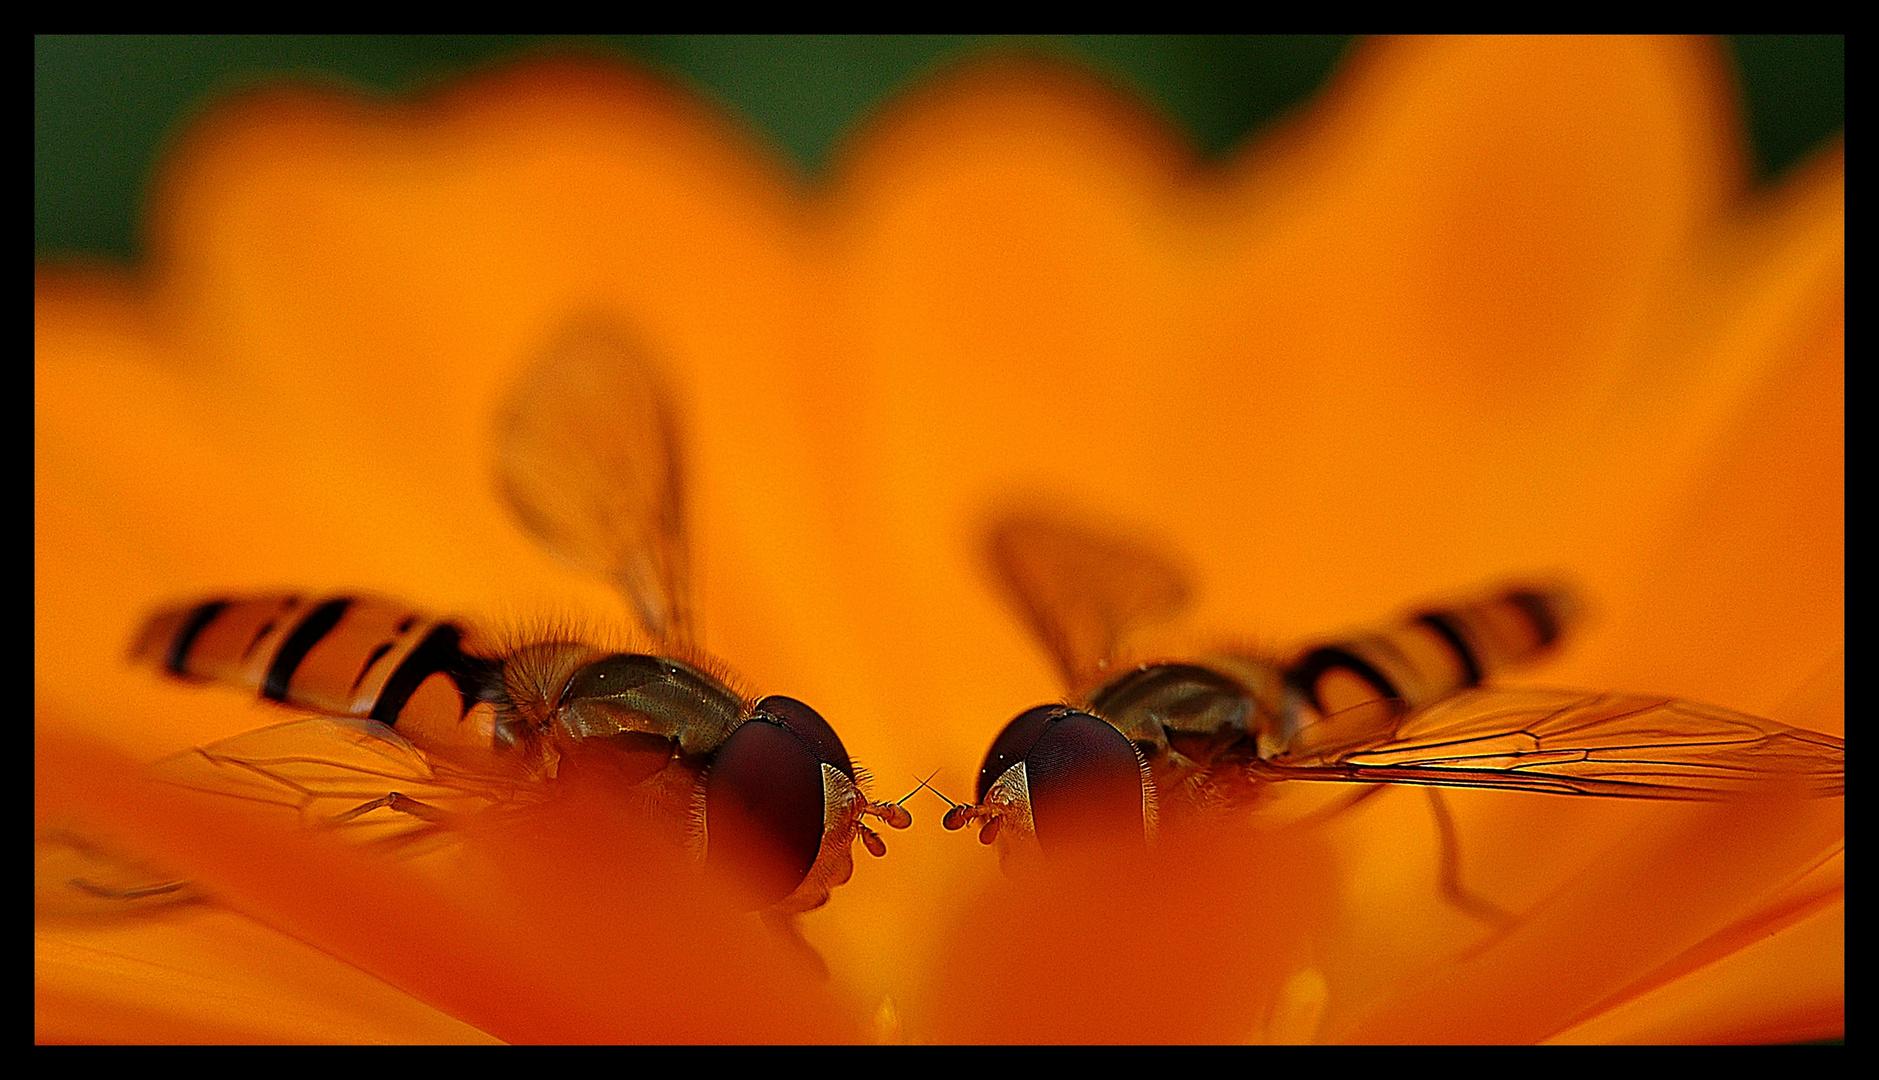 Duell der Säbel - Schwebfliegen